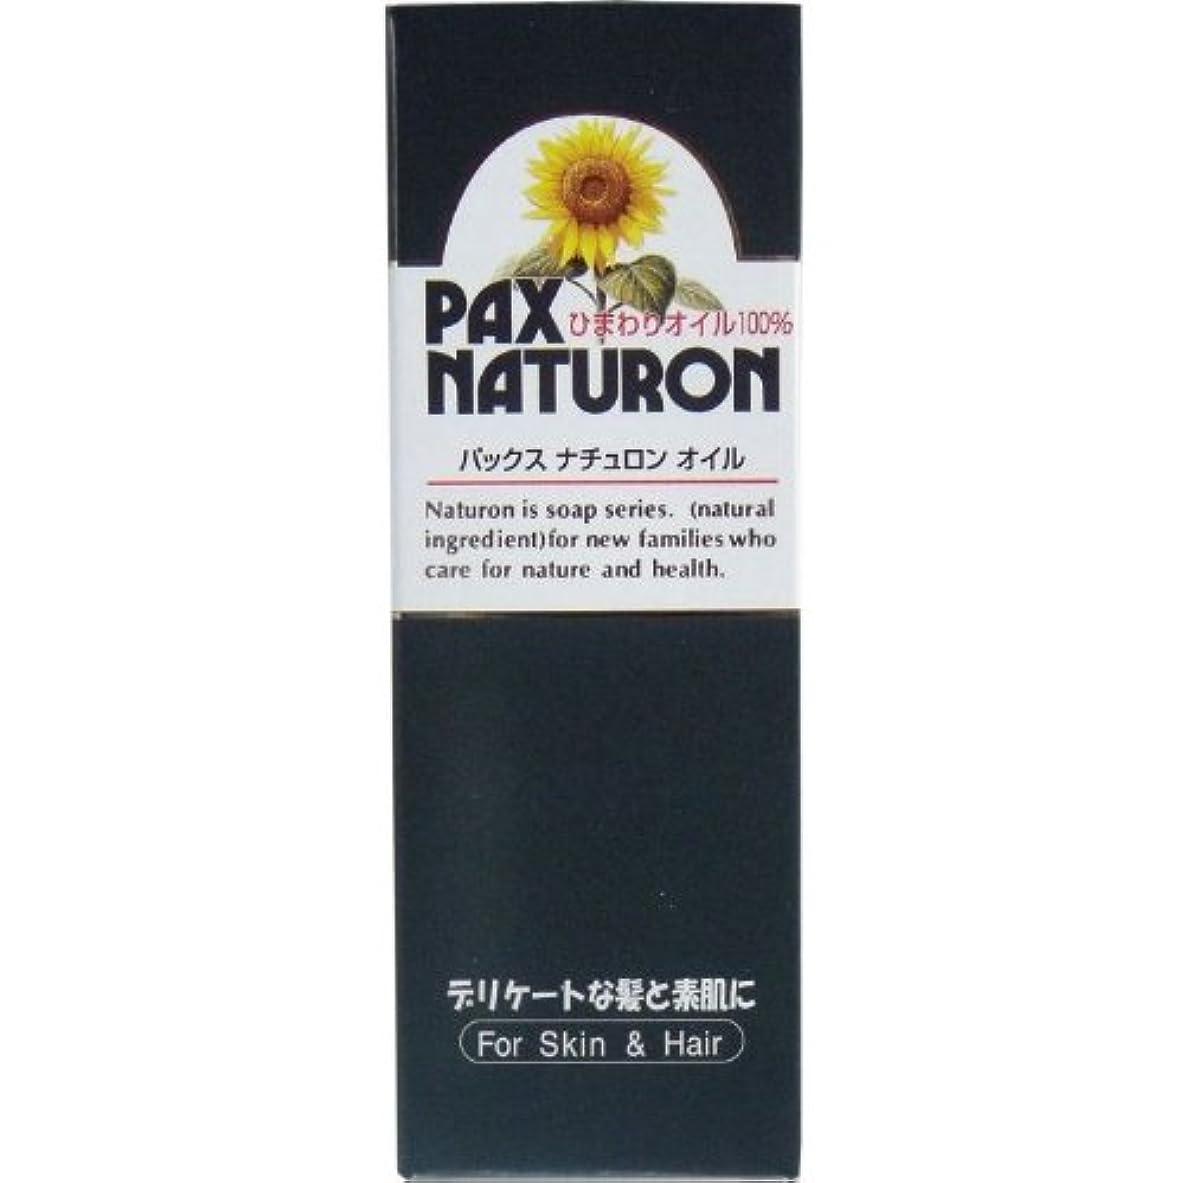 ポーン石鹸積分デリケートな髪と素肌に!ひまわりの種子から採った ハイオレイックひまわり油 60mL【3個セット】